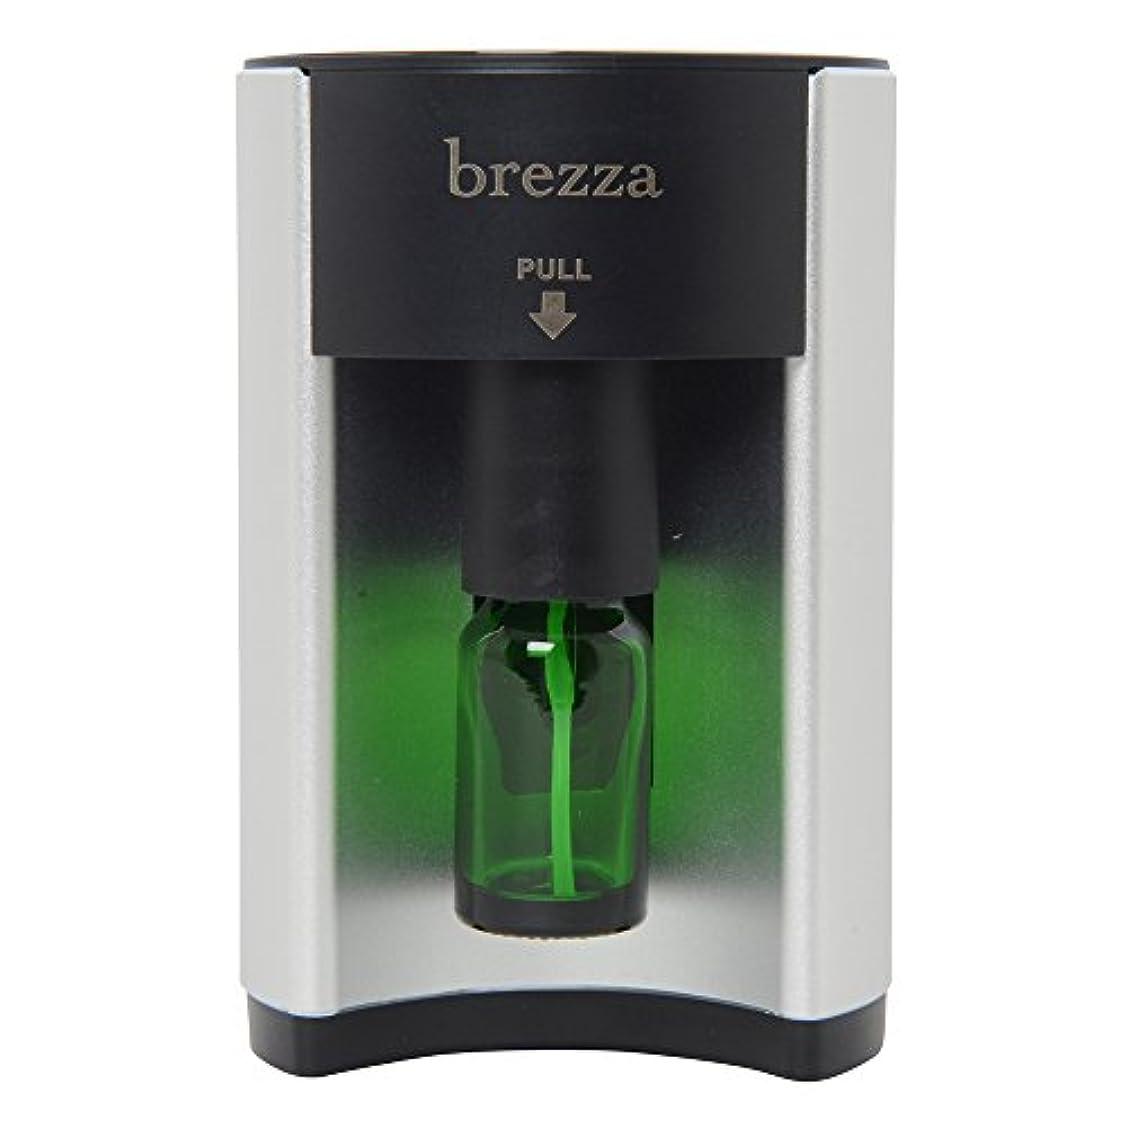 有料とげアンソロジーフレーバーライフ brezza(ブレッザ) アロマディフューザー